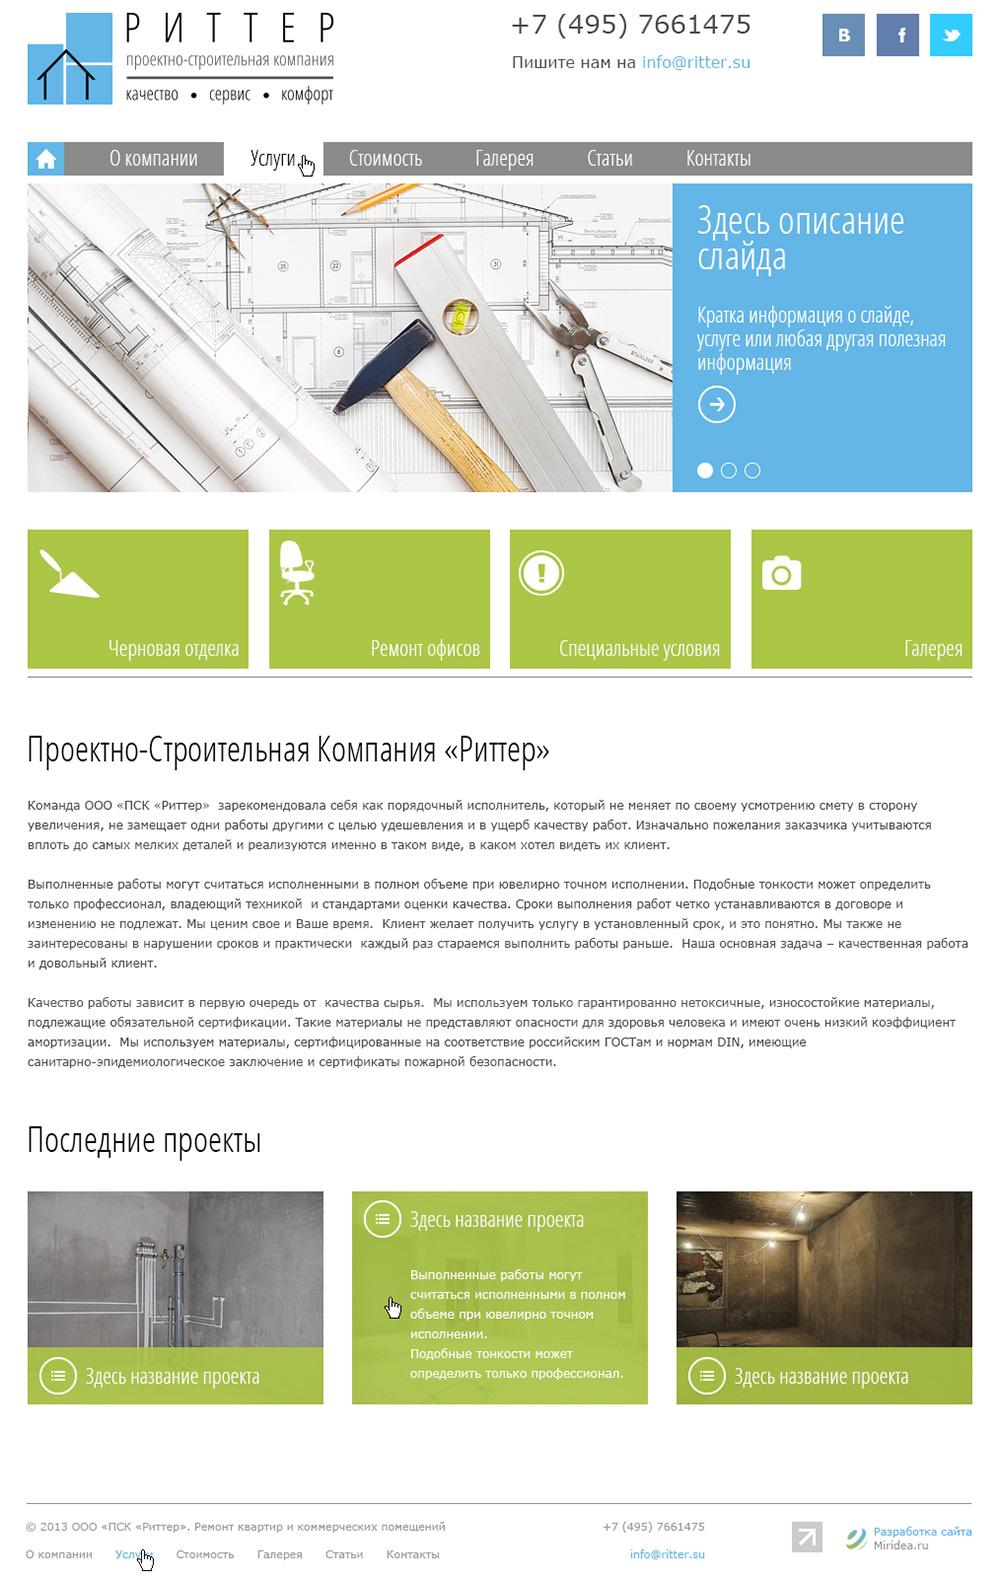 Риттер - проектно-строительная компания